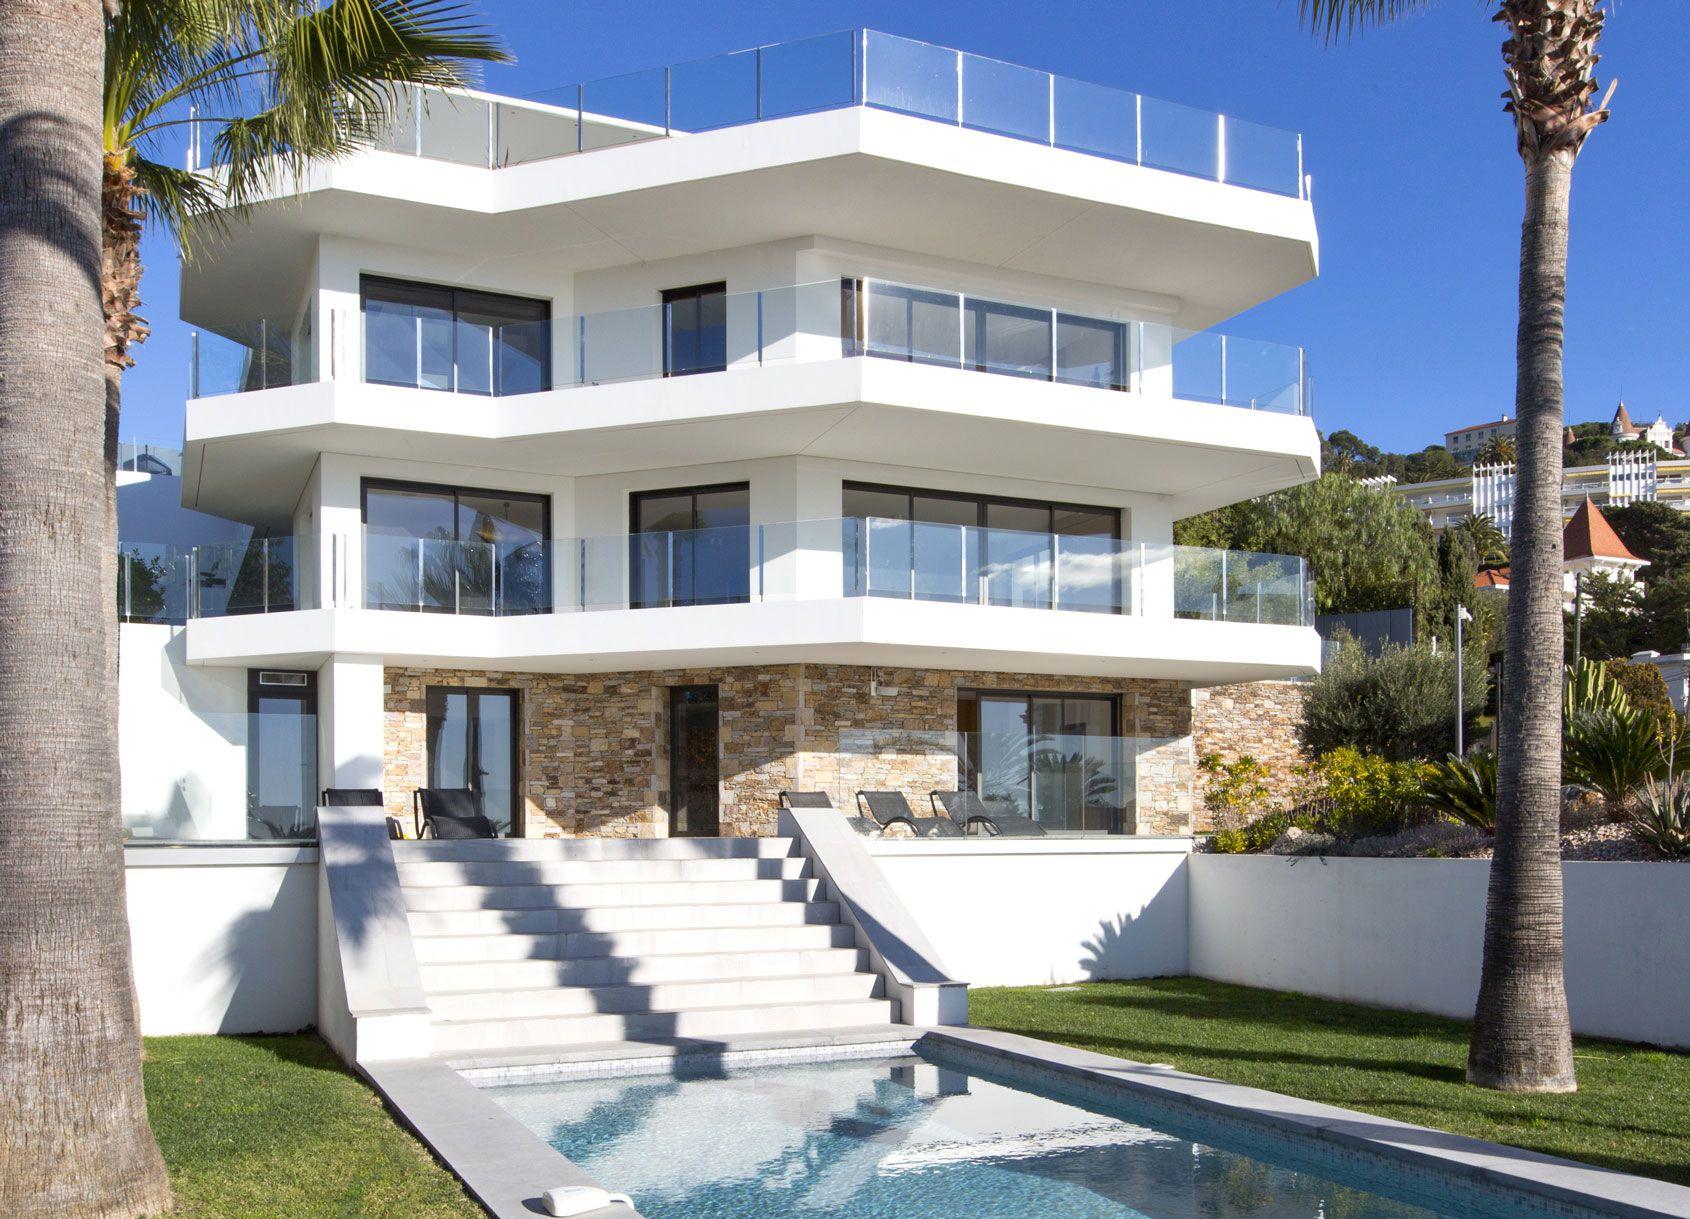 Penthouse an der Côte d'Azur